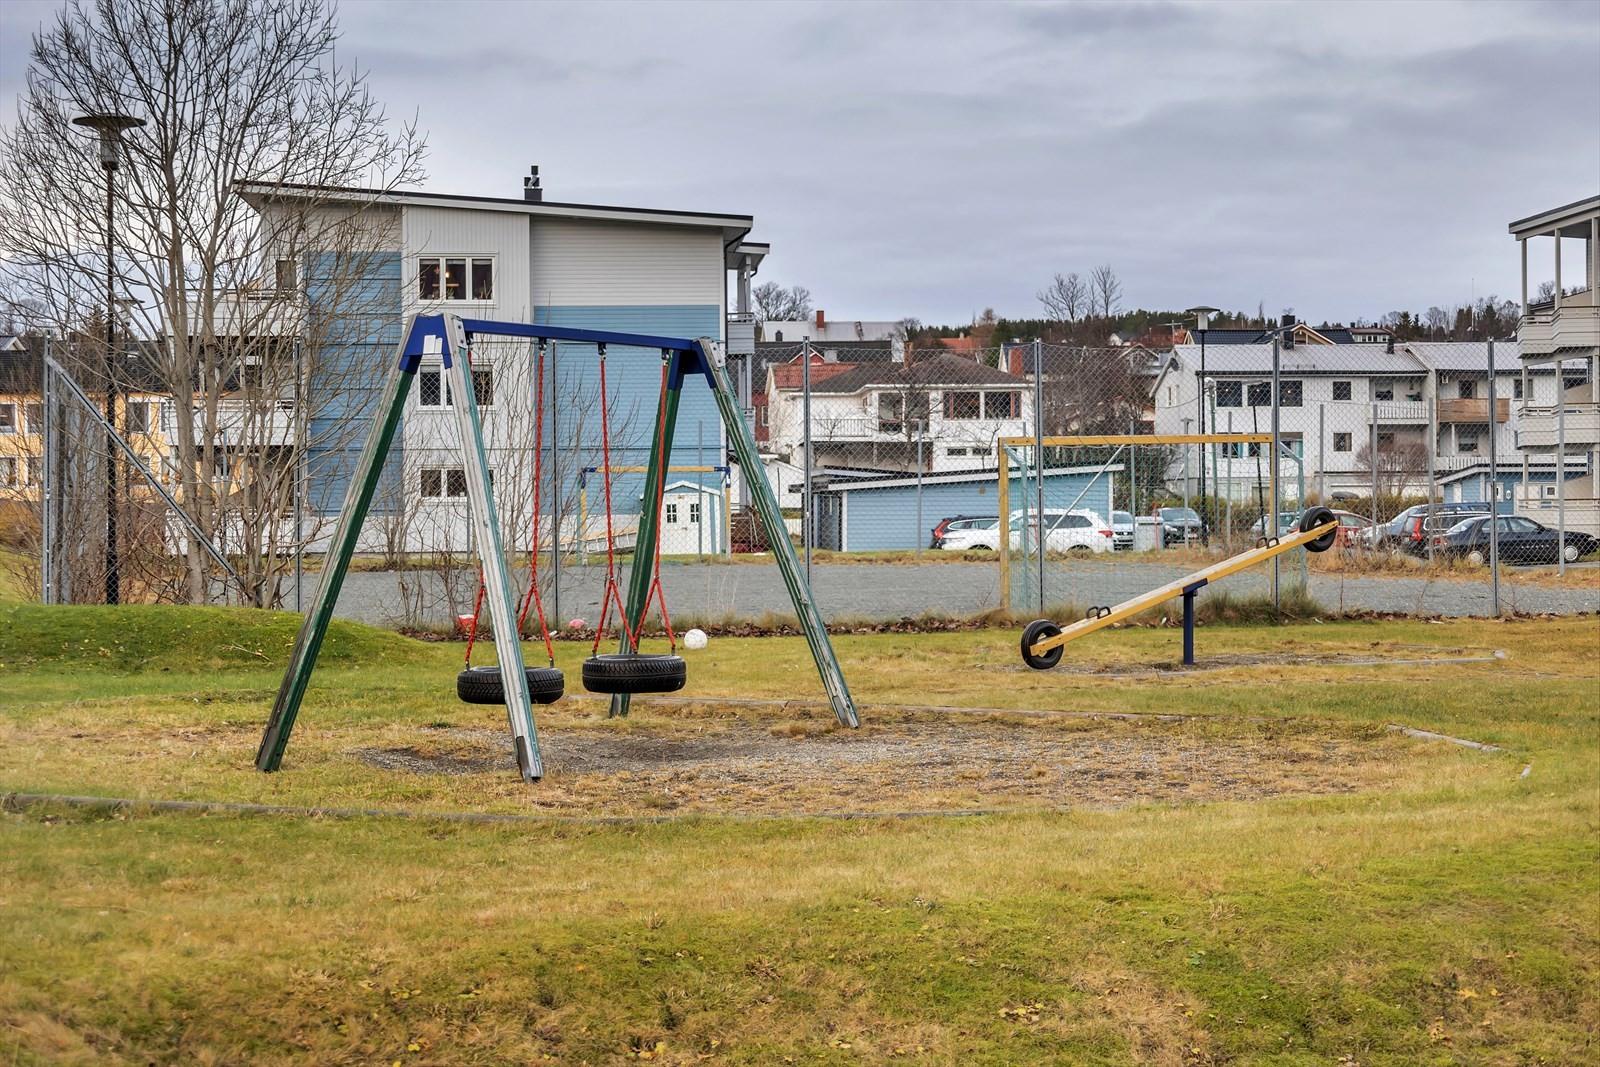 Barnevennlig boområde med lekeplass rett nedenfor bygget.